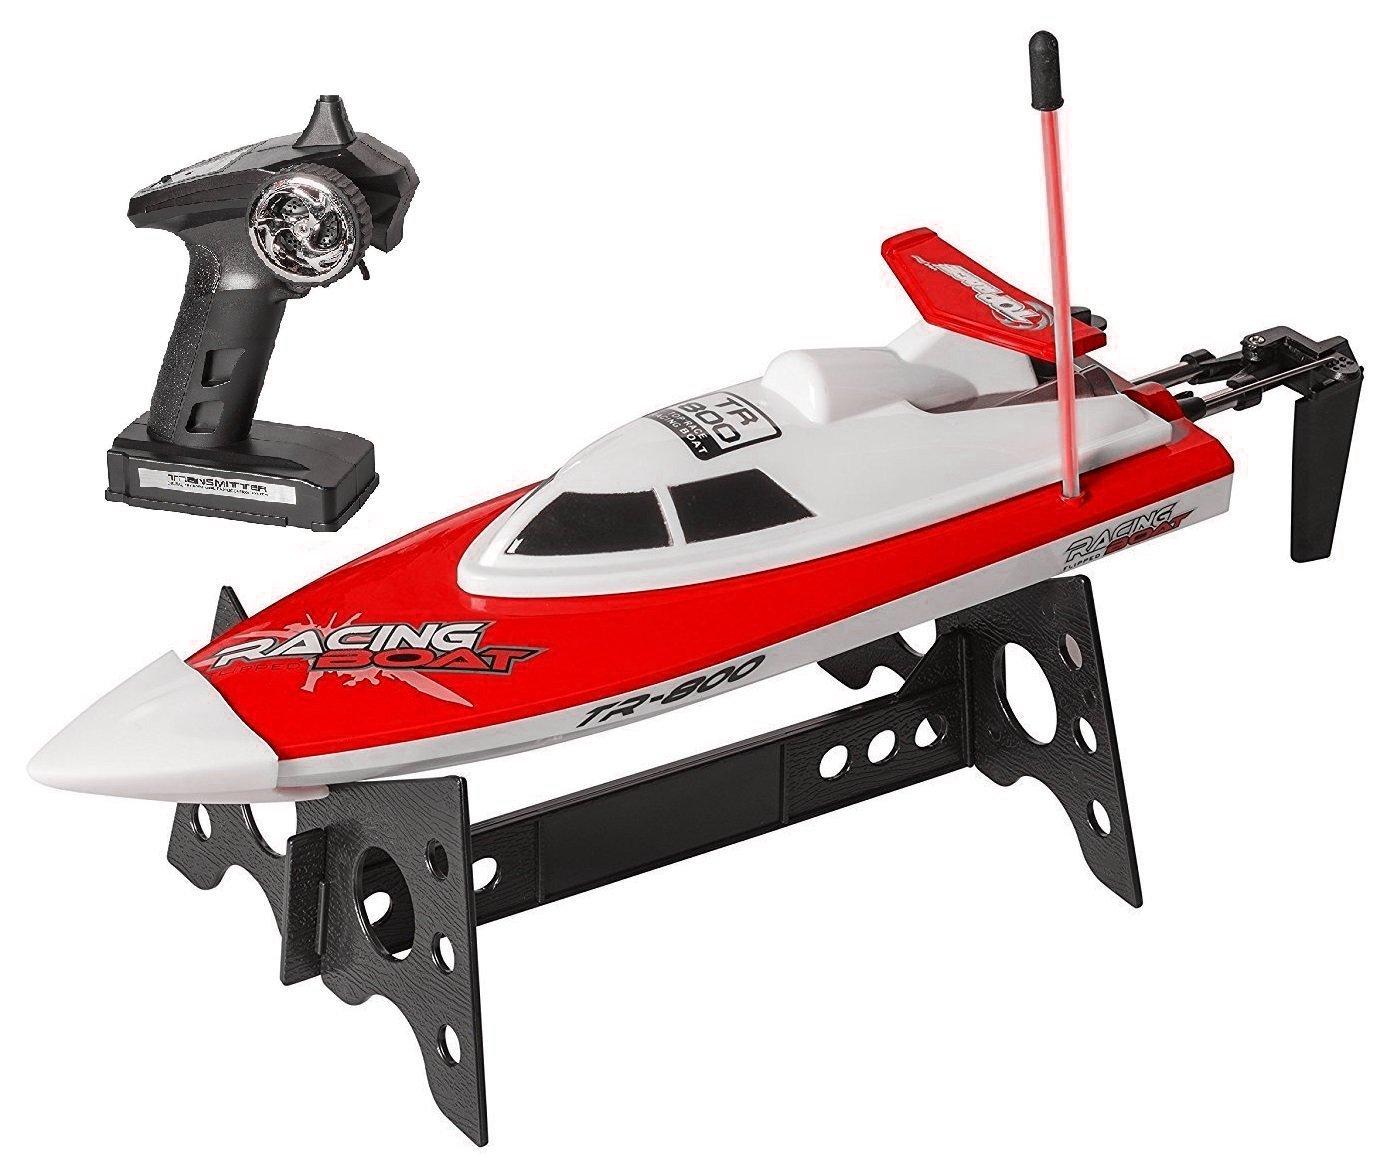 Barca di velocità dell'acqua di telecomando di Top Race®, giocattolo perfetto per le piscine e i laghi RED 49Mhz (TR-800B) Hobbit Village